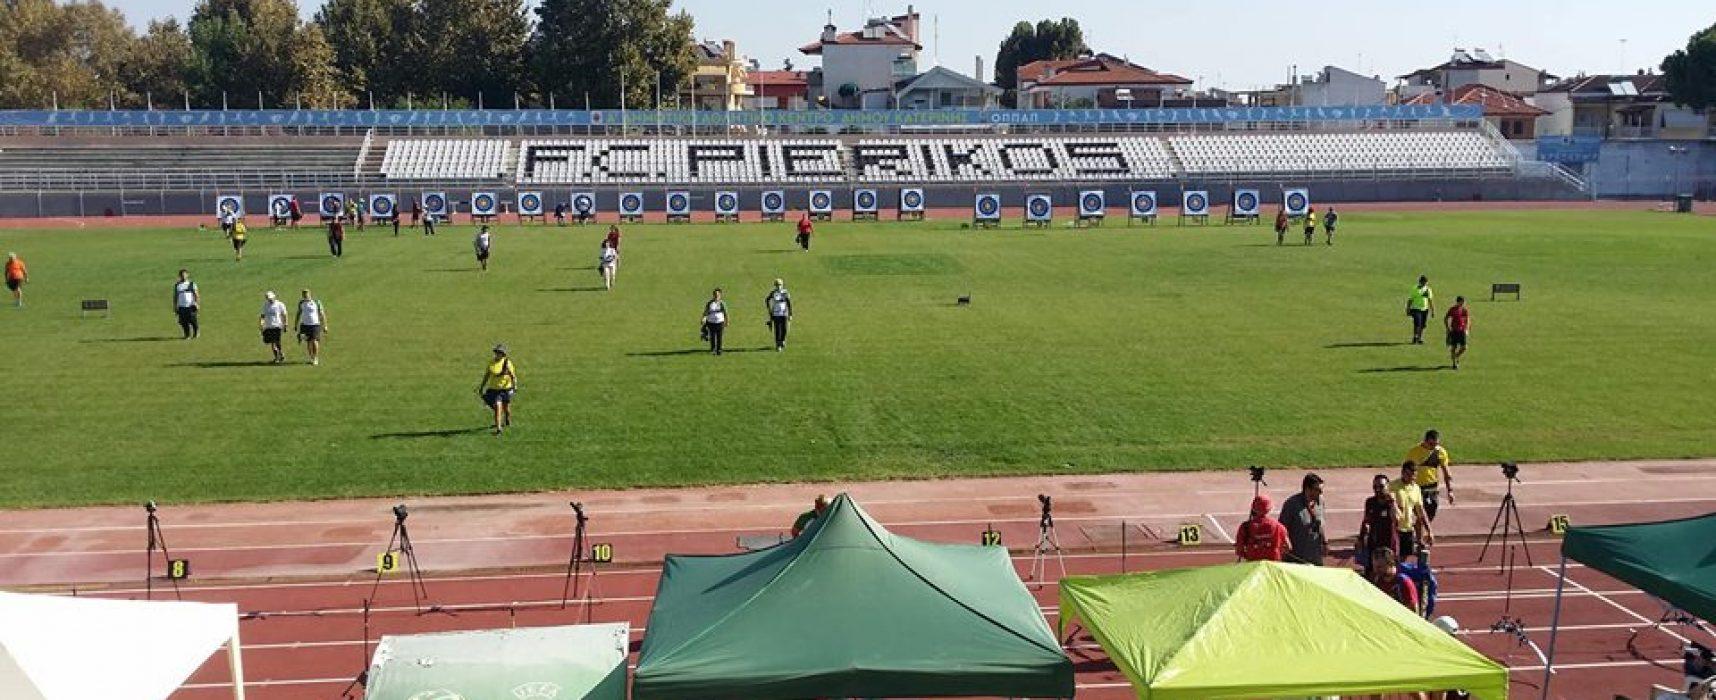 Προκήρυξη αγώνα Αγίου Σπυρίδωνα Πιερίας 17-11-2019